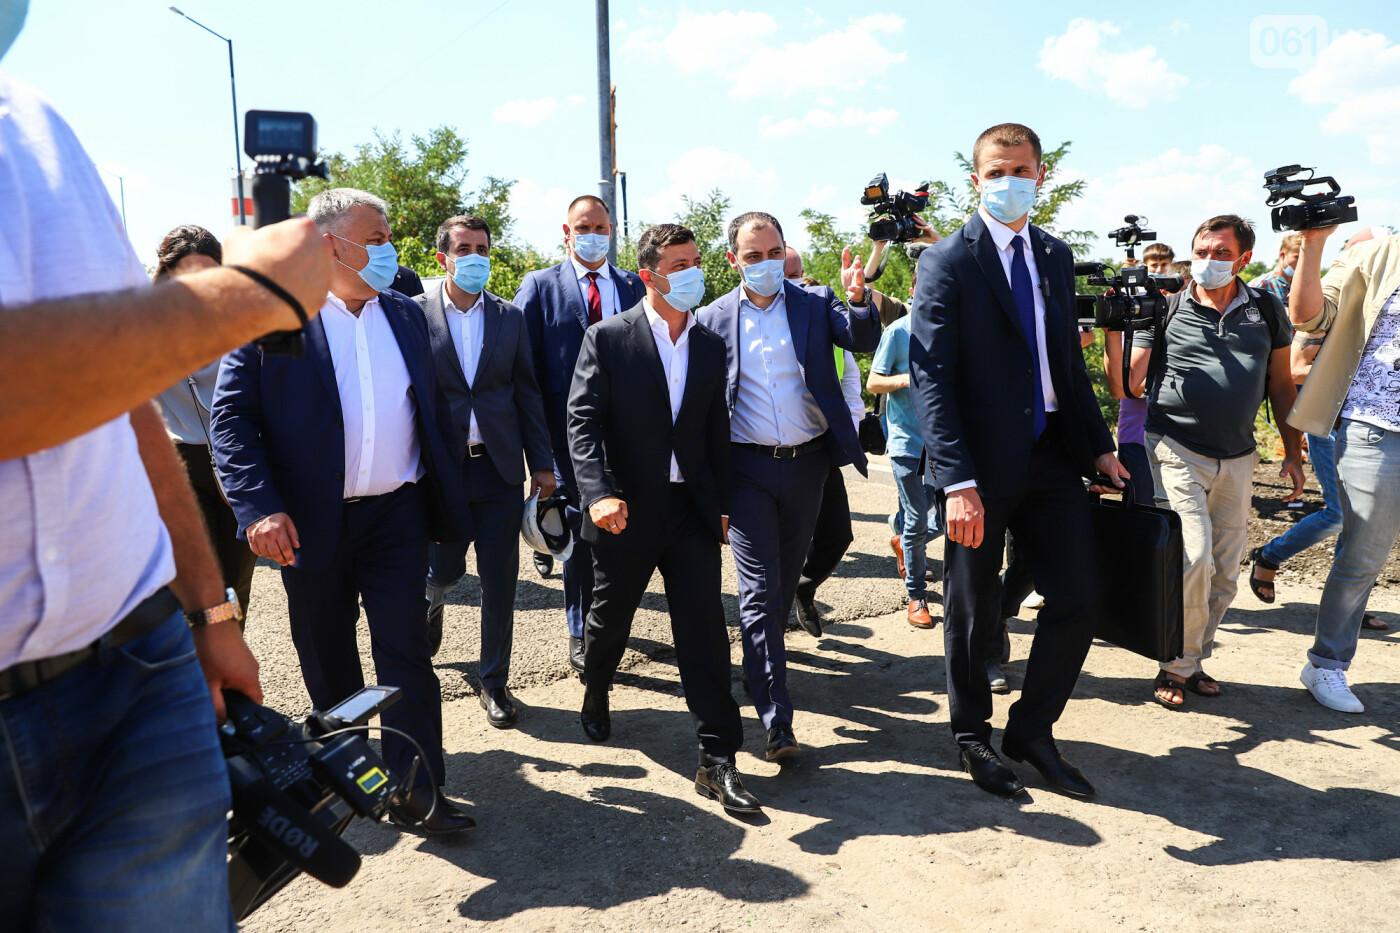 Визит Зеленского в Запорожье в фотографиях и высказываниях, фото-30